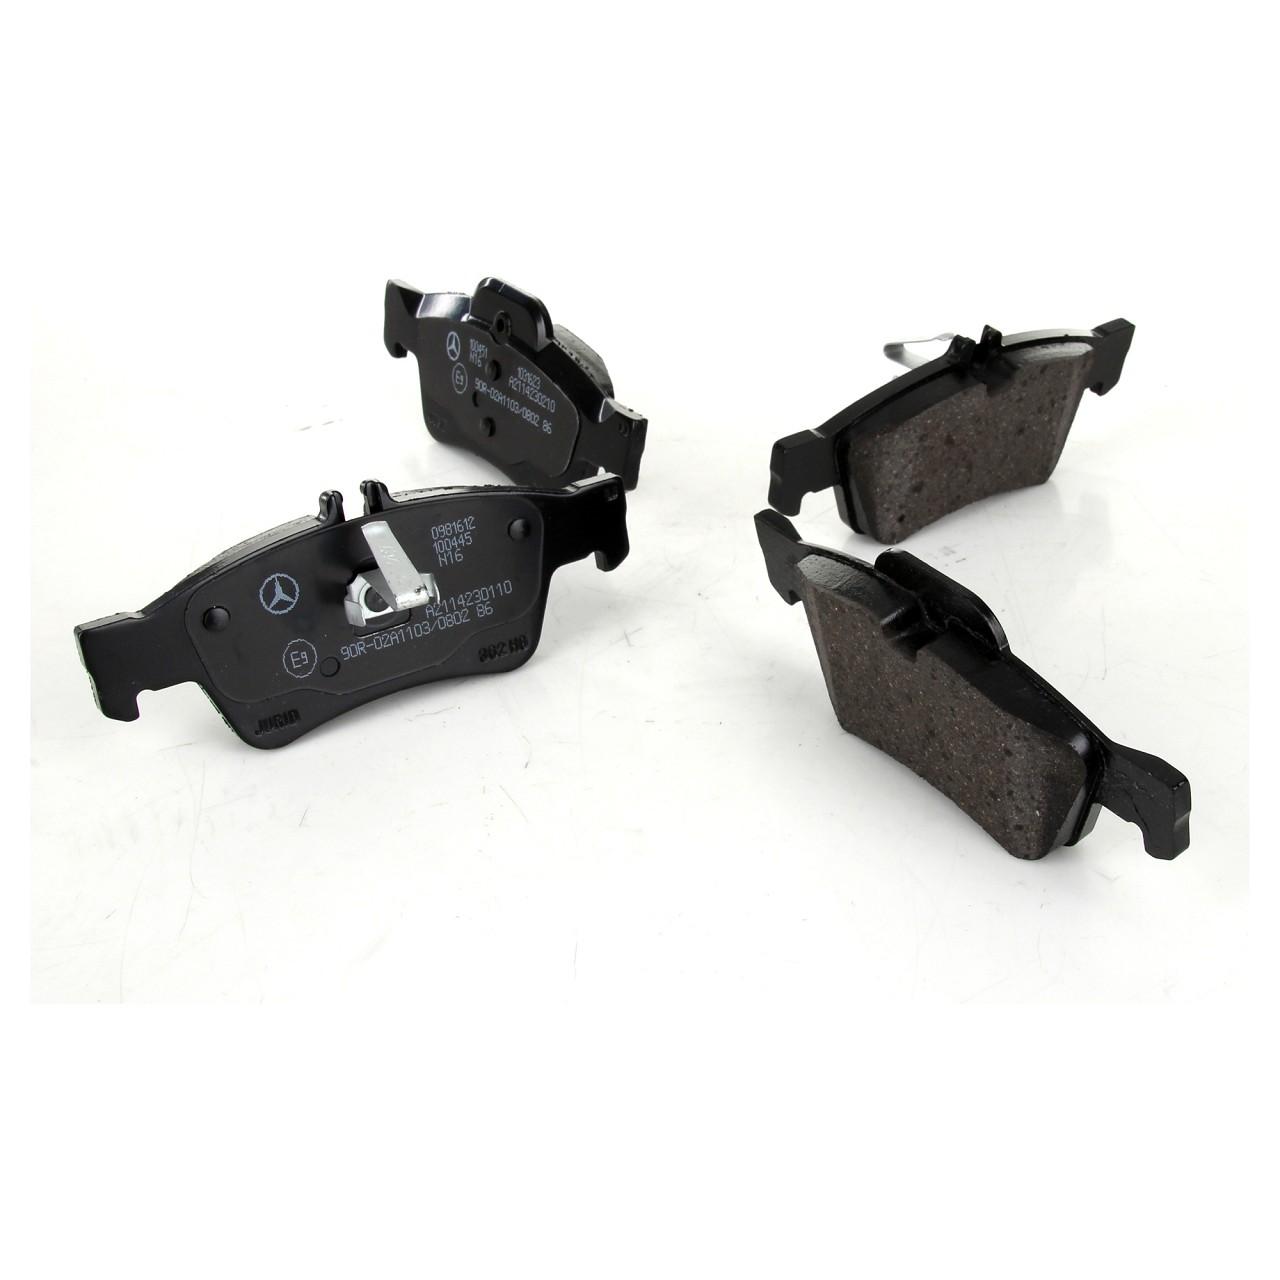 BREMBO Bremsbeläge für MERCEDES C218 C219 W211 W212 W220 W221 R230 R171 hinten